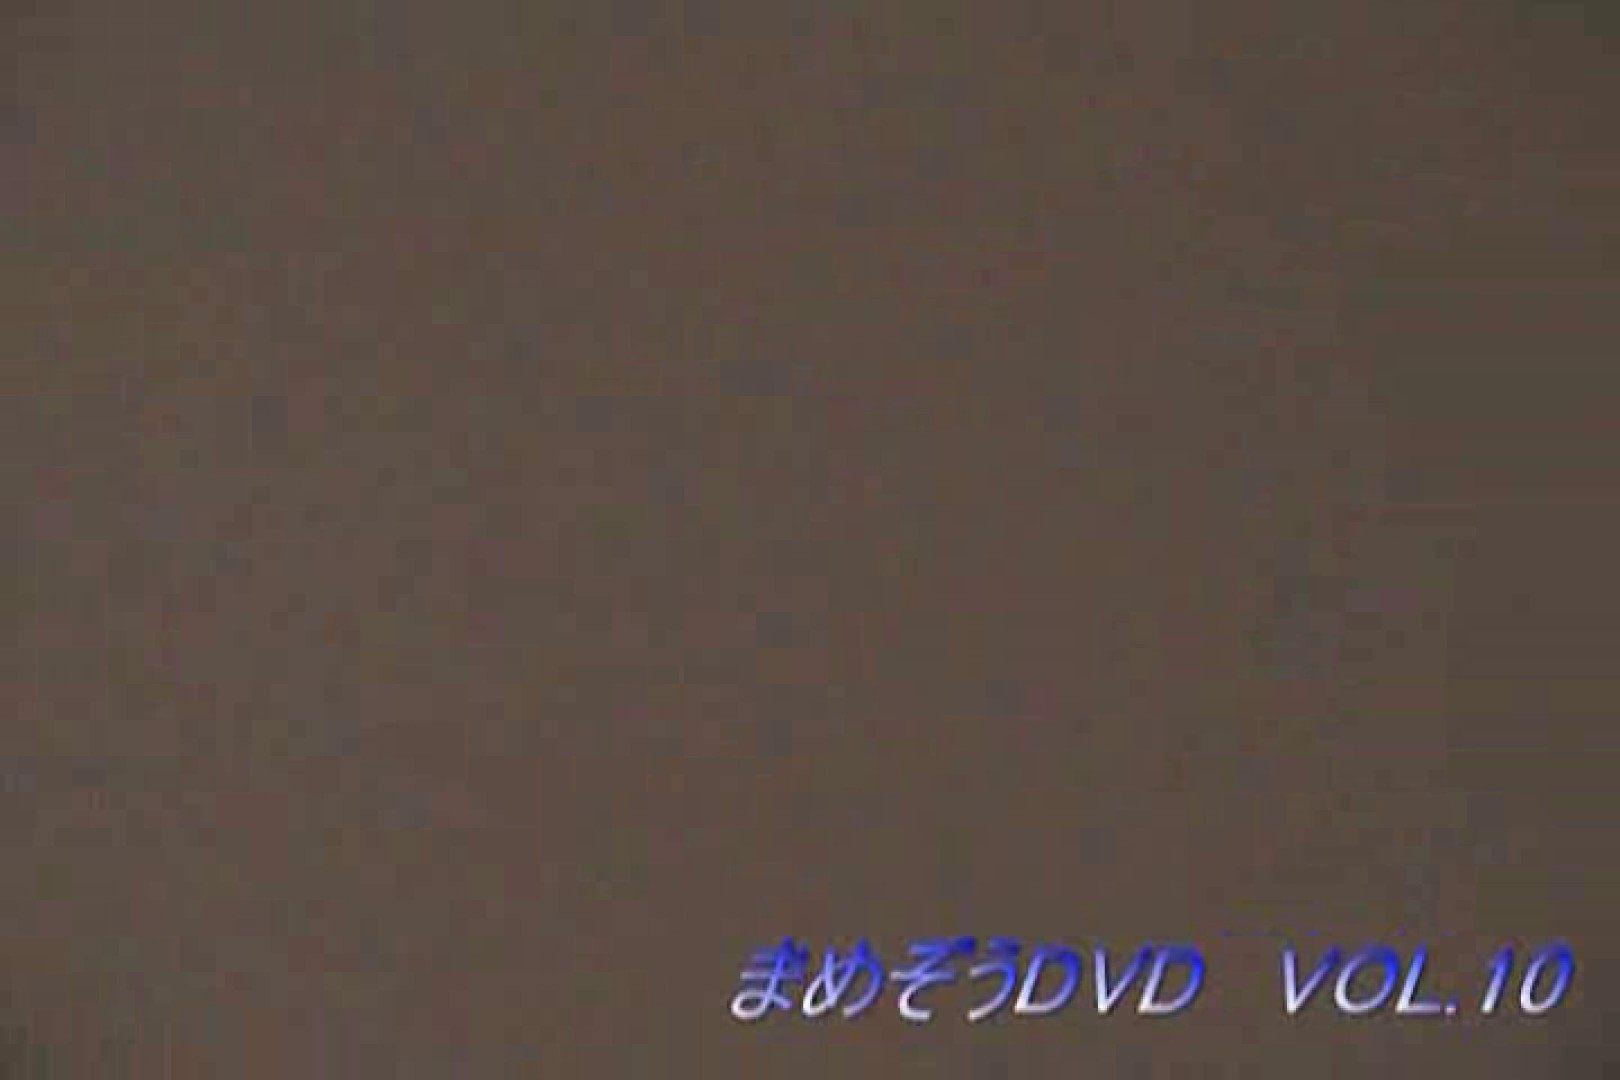 まめぞうDVD完全版VOL.10 ギャル達   洗面所のぞき  106枚 87